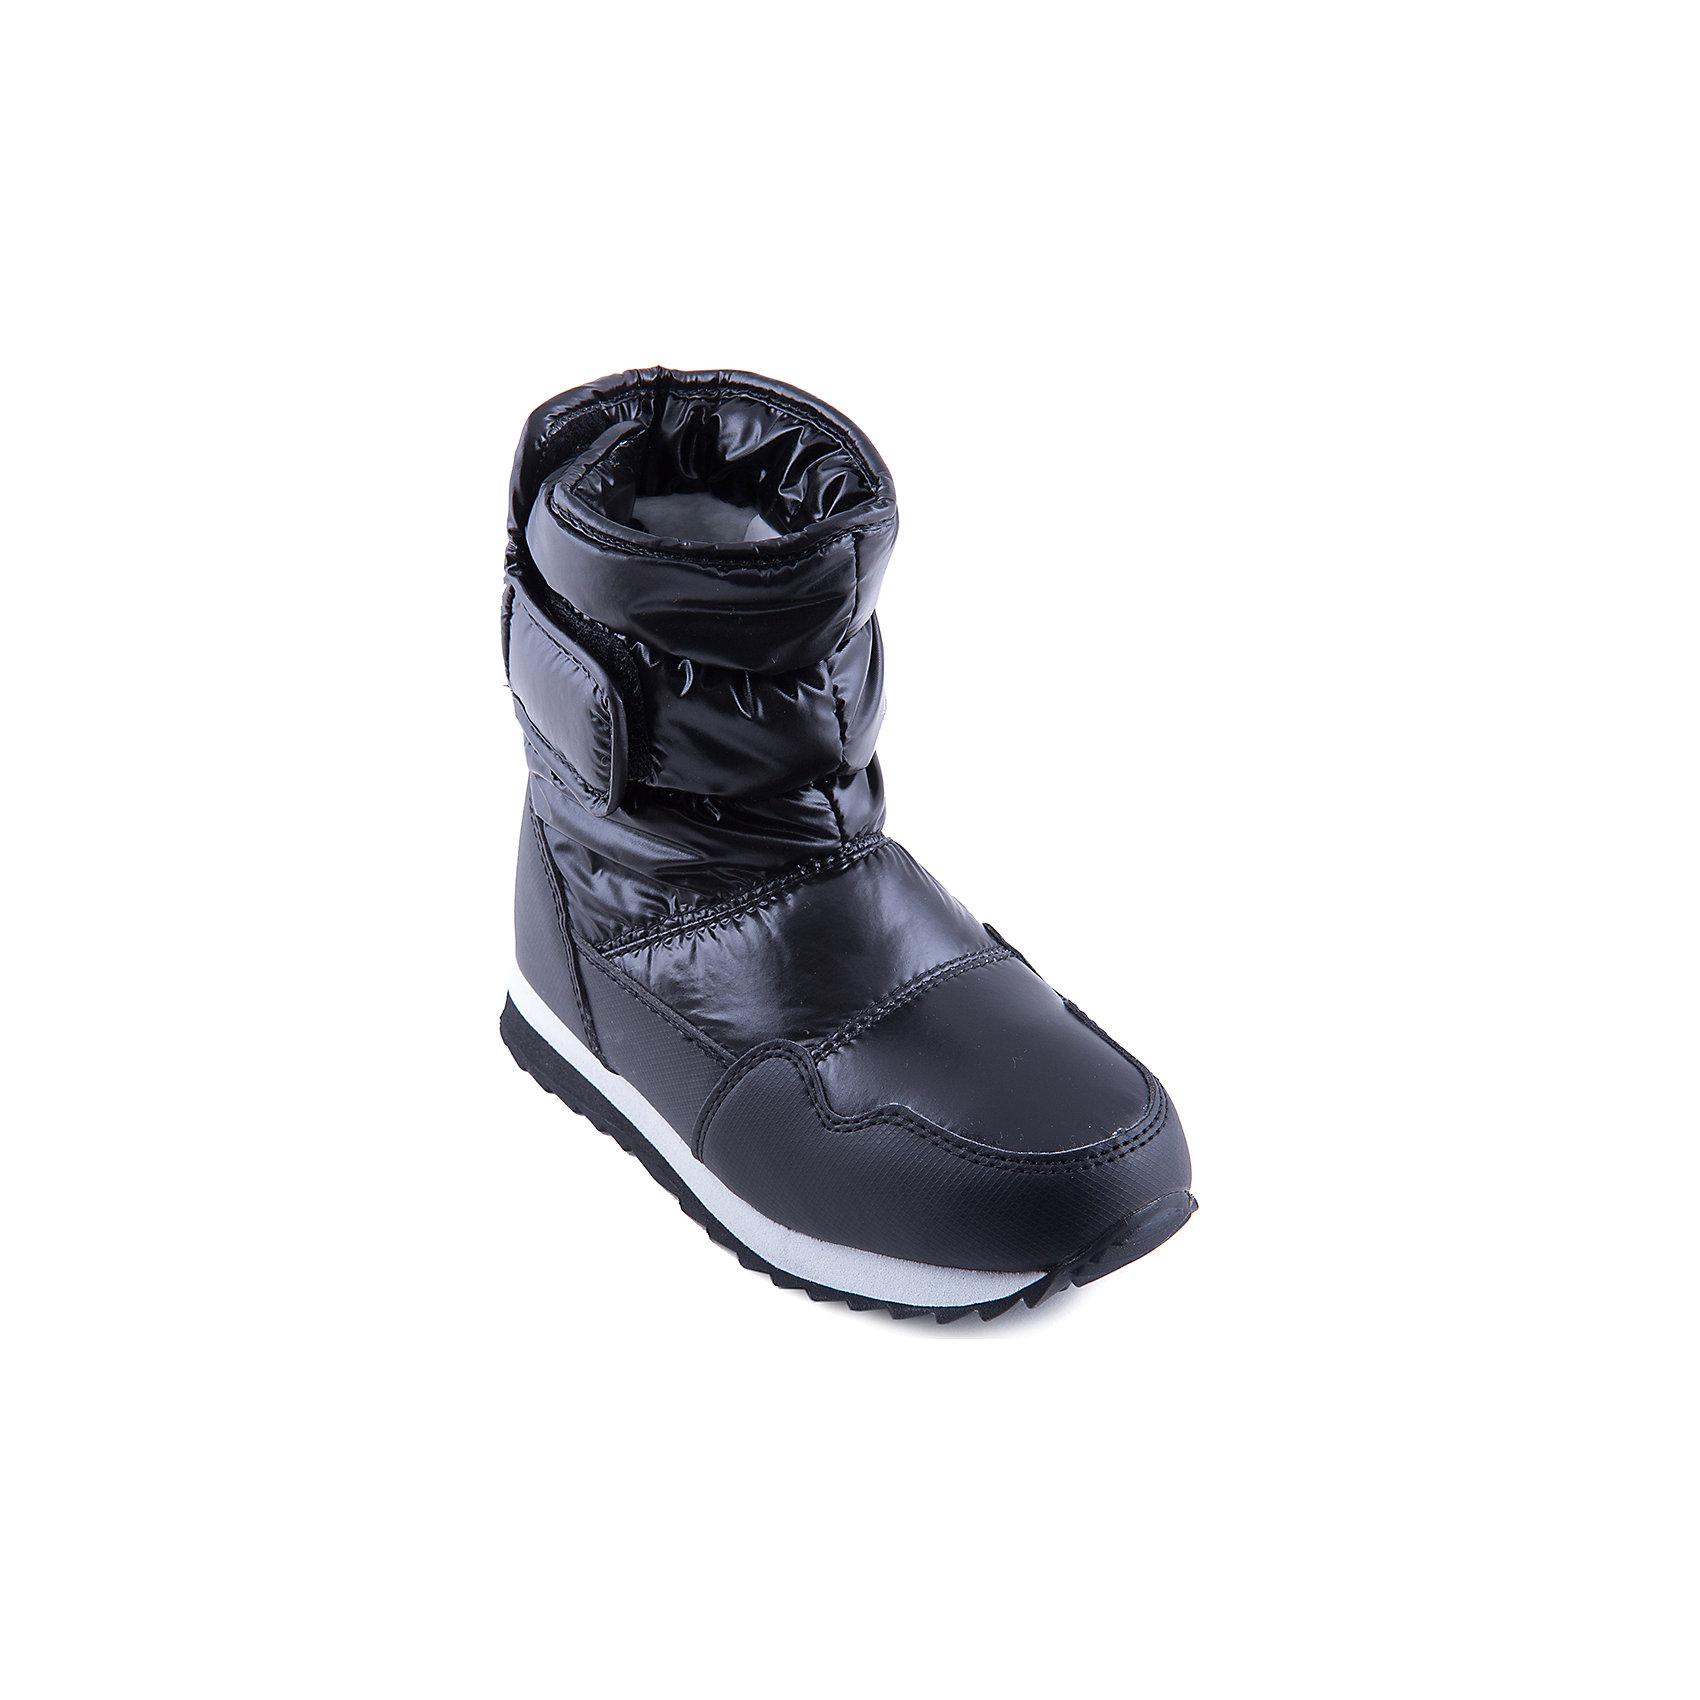 Сапоги для девочки MURSUСтильные сапоги от известного бренда MURSU порадуют всех юных модниц. Модель имеет толстую подошву, отлично защищающую ноги от холода, выполнена из высококачественных материалов, очень хорошо смотрится на ноге.   Прекрасный вариант на холодную погоду. <br><br>Дополнительная информация:<br><br>- Сезон: зима/осень.<br>- Тепловой режим: от -5? до -25? <br>- Цвет: черный.<br>- Рифленая подошва.<br>- Тип застежки: липучка. <br><br>Состав:<br>- Материал верха: текстиль/ искусственная замша.<br>- Материал подкладки: искусственная шерсть.<br>- Материал подошвы: TEP.<br>- Материал стельки: искусственная шерсть.<br><br>Сапоги для девочки MURSU (Мурсу) можно купить в нашем магазине.<br><br>Ширина мм: 257<br>Глубина мм: 180<br>Высота мм: 130<br>Вес г: 420<br>Цвет: черный<br>Возраст от месяцев: 120<br>Возраст до месяцев: 132<br>Пол: Женский<br>Возраст: Детский<br>Размер: 34,30,35,33,32,31<br>SKU: 4202548